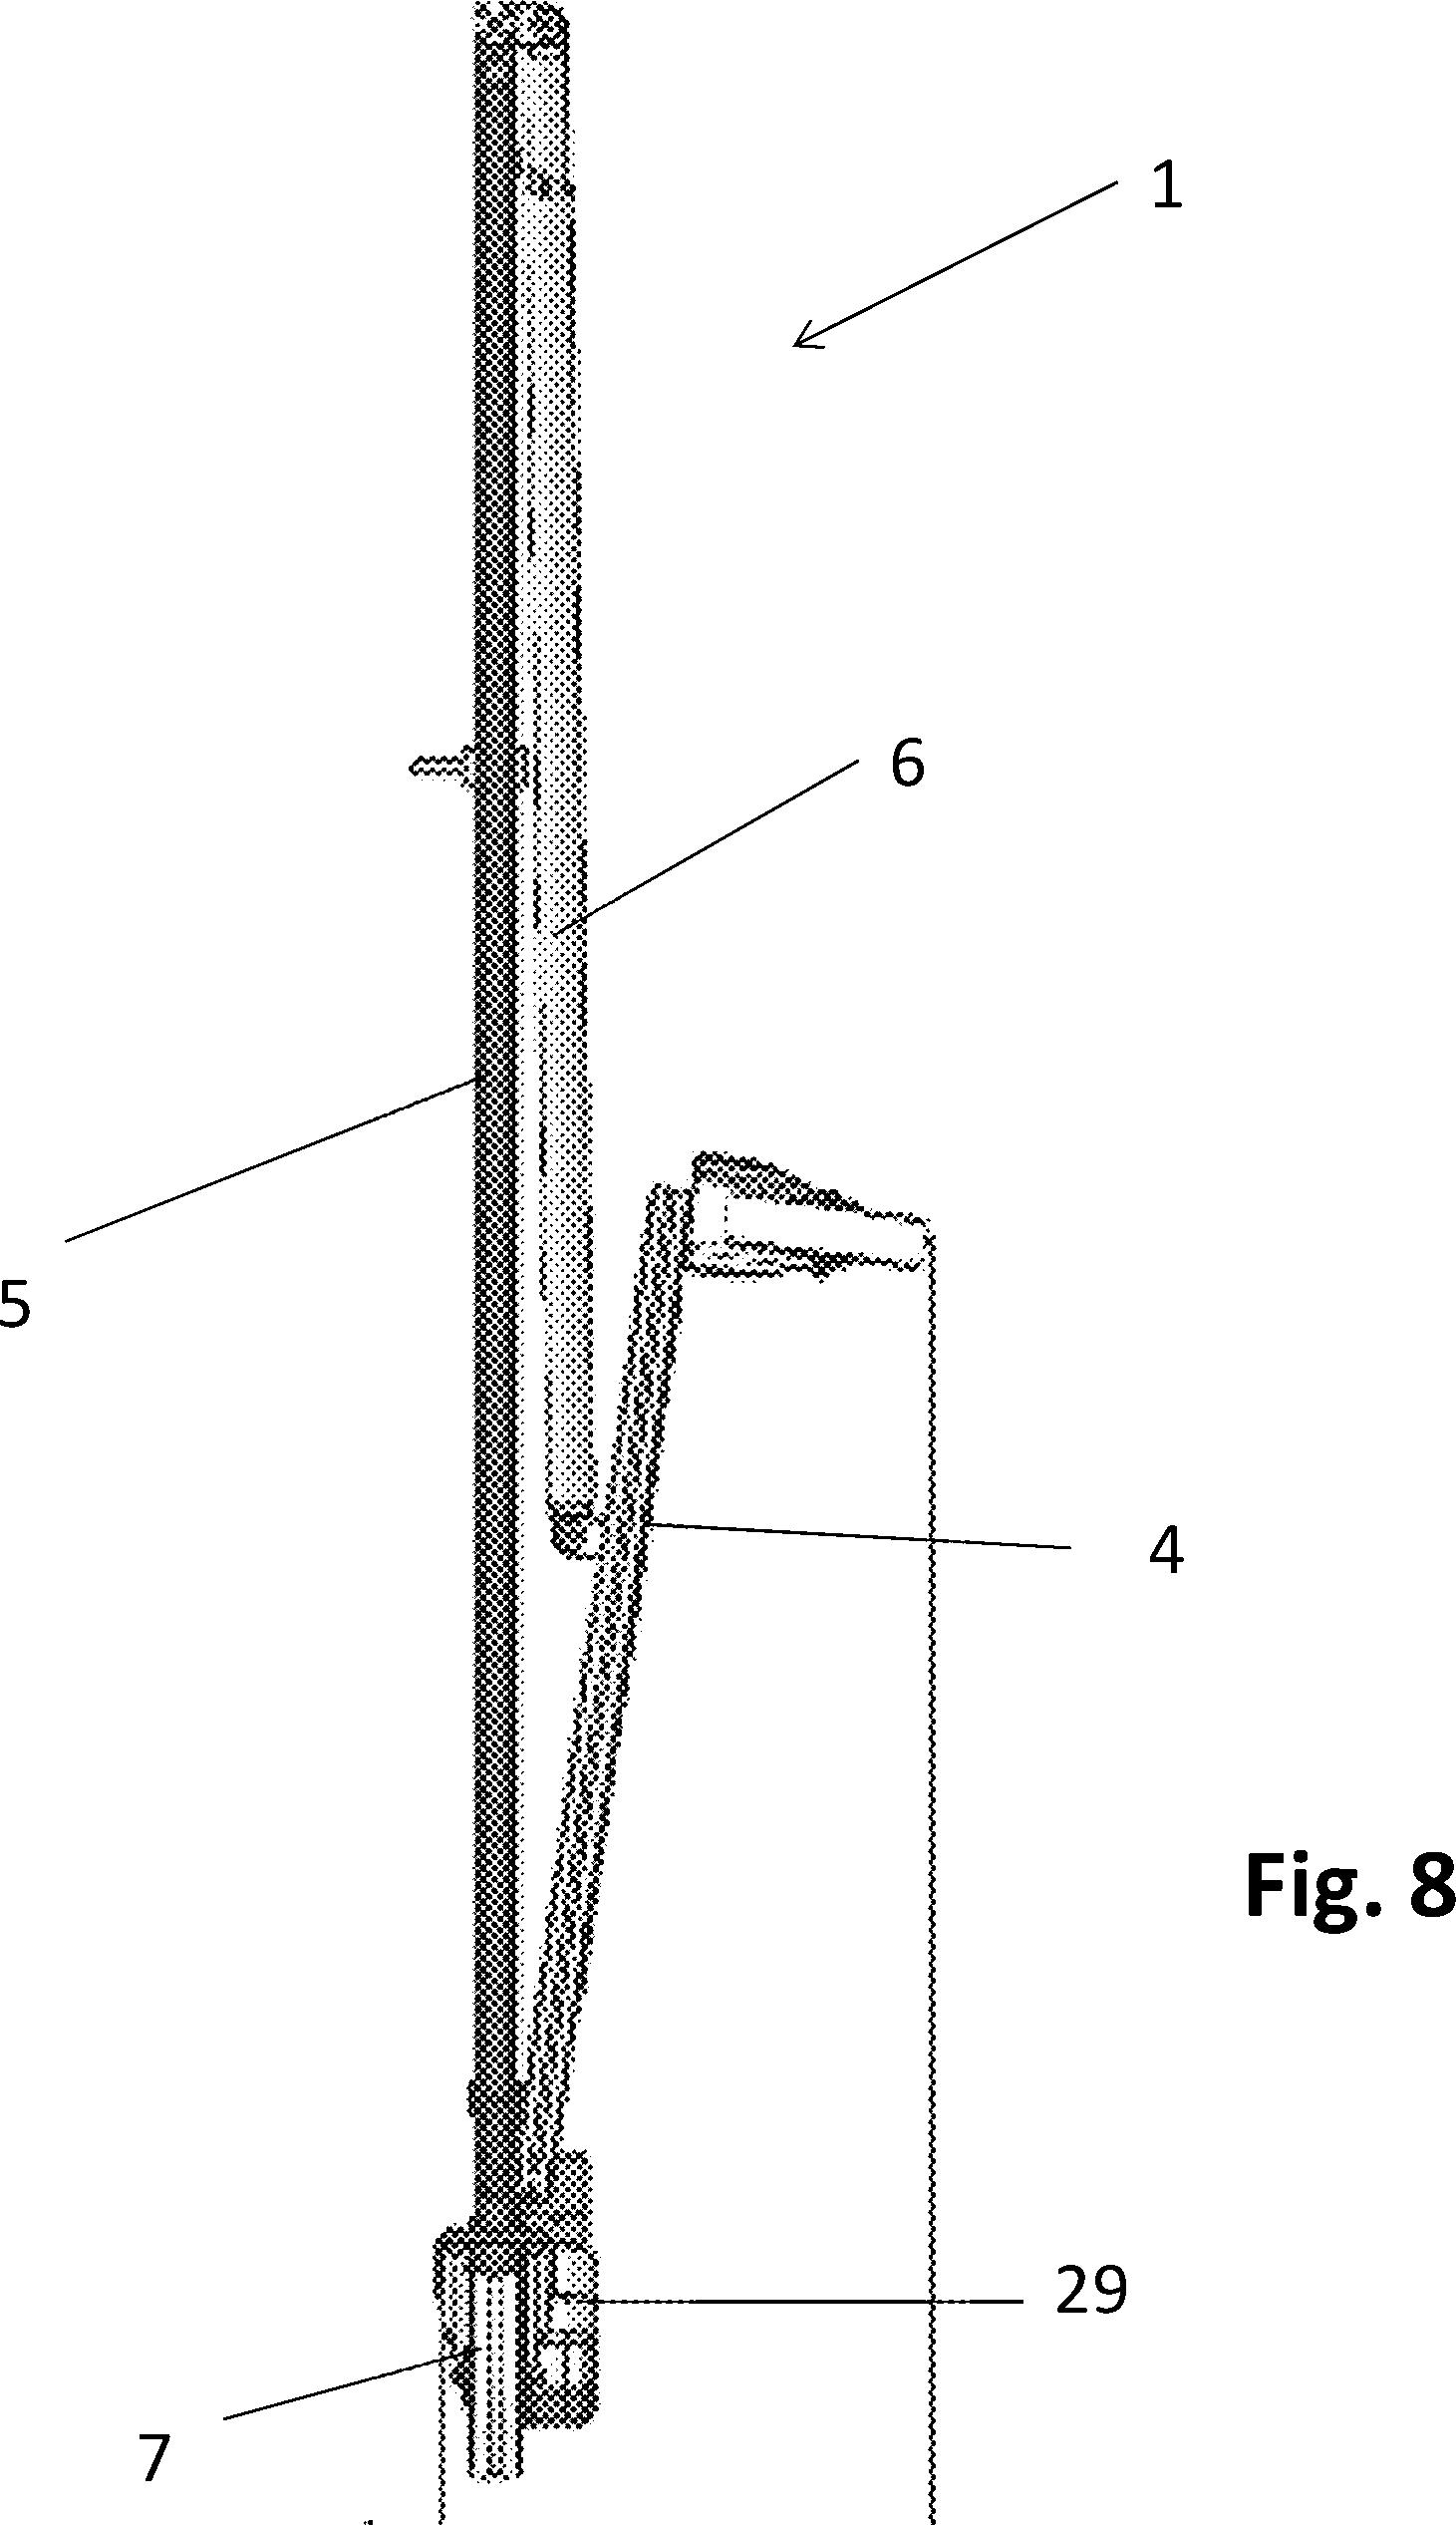 patent de202013104163u1 vorrichtung zum schneiden von hecken google patents. Black Bedroom Furniture Sets. Home Design Ideas